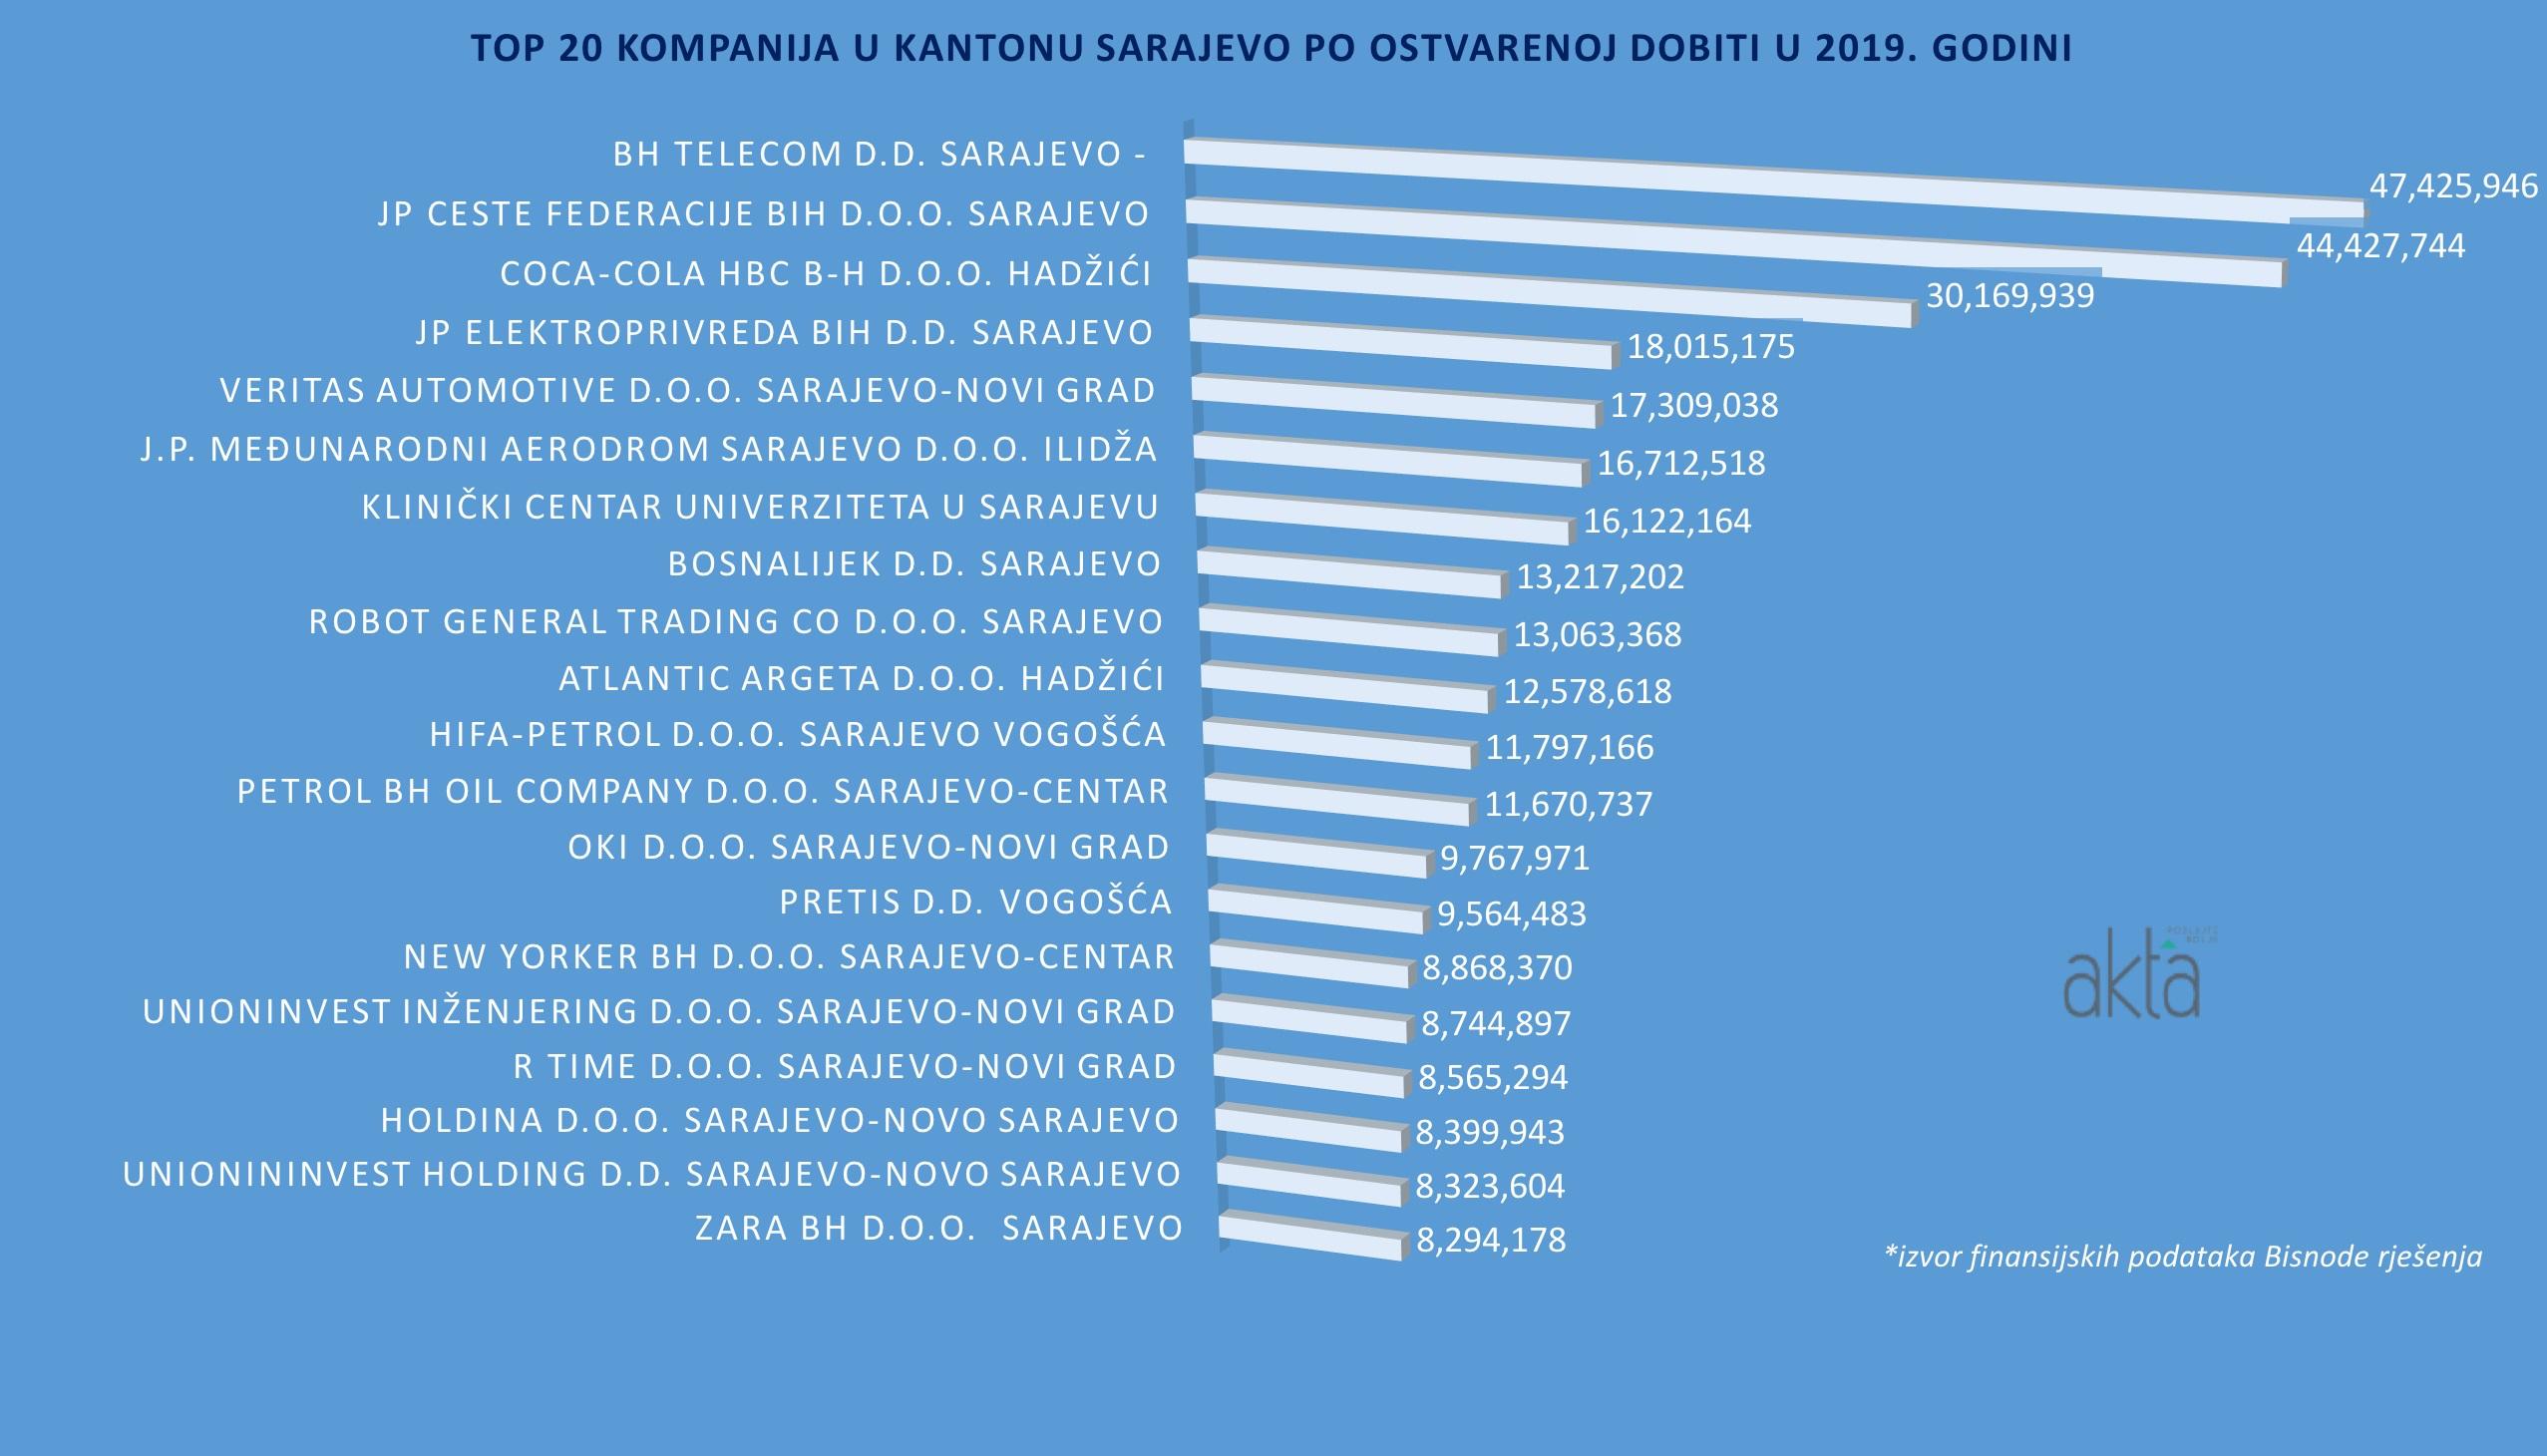 TOP 20 kompanija u Kantonu Sarajevo po prihodu, dobiti i broju radnika